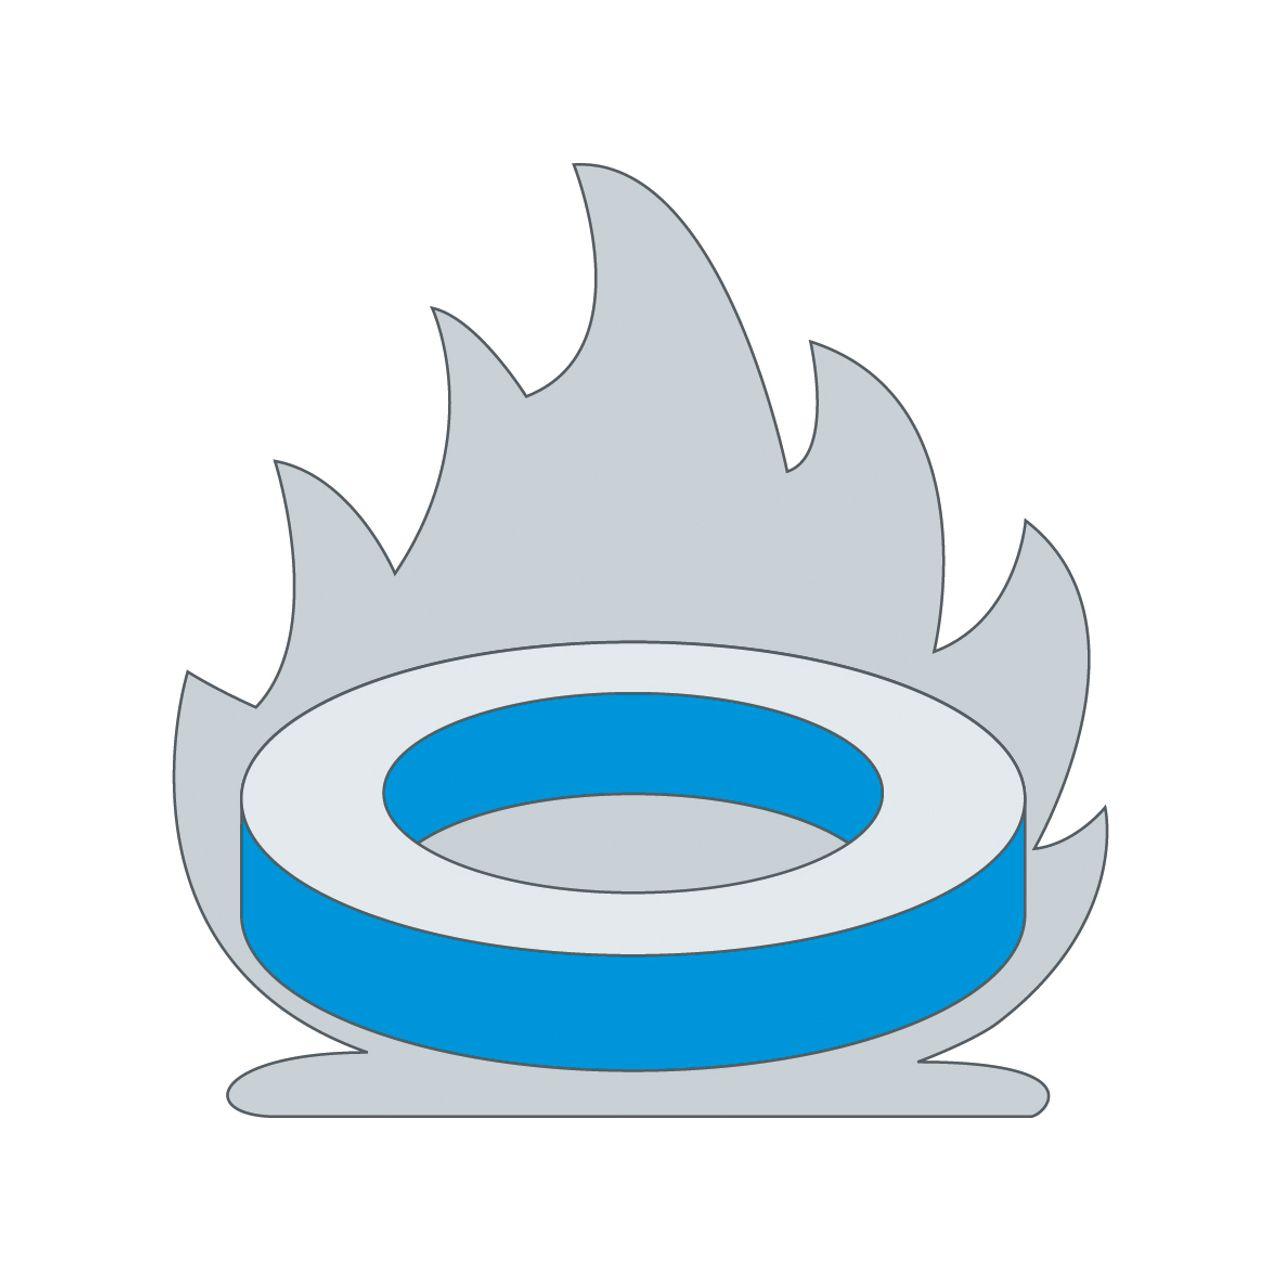 Esquisse d'une bague traitée thermiquement à la flamme